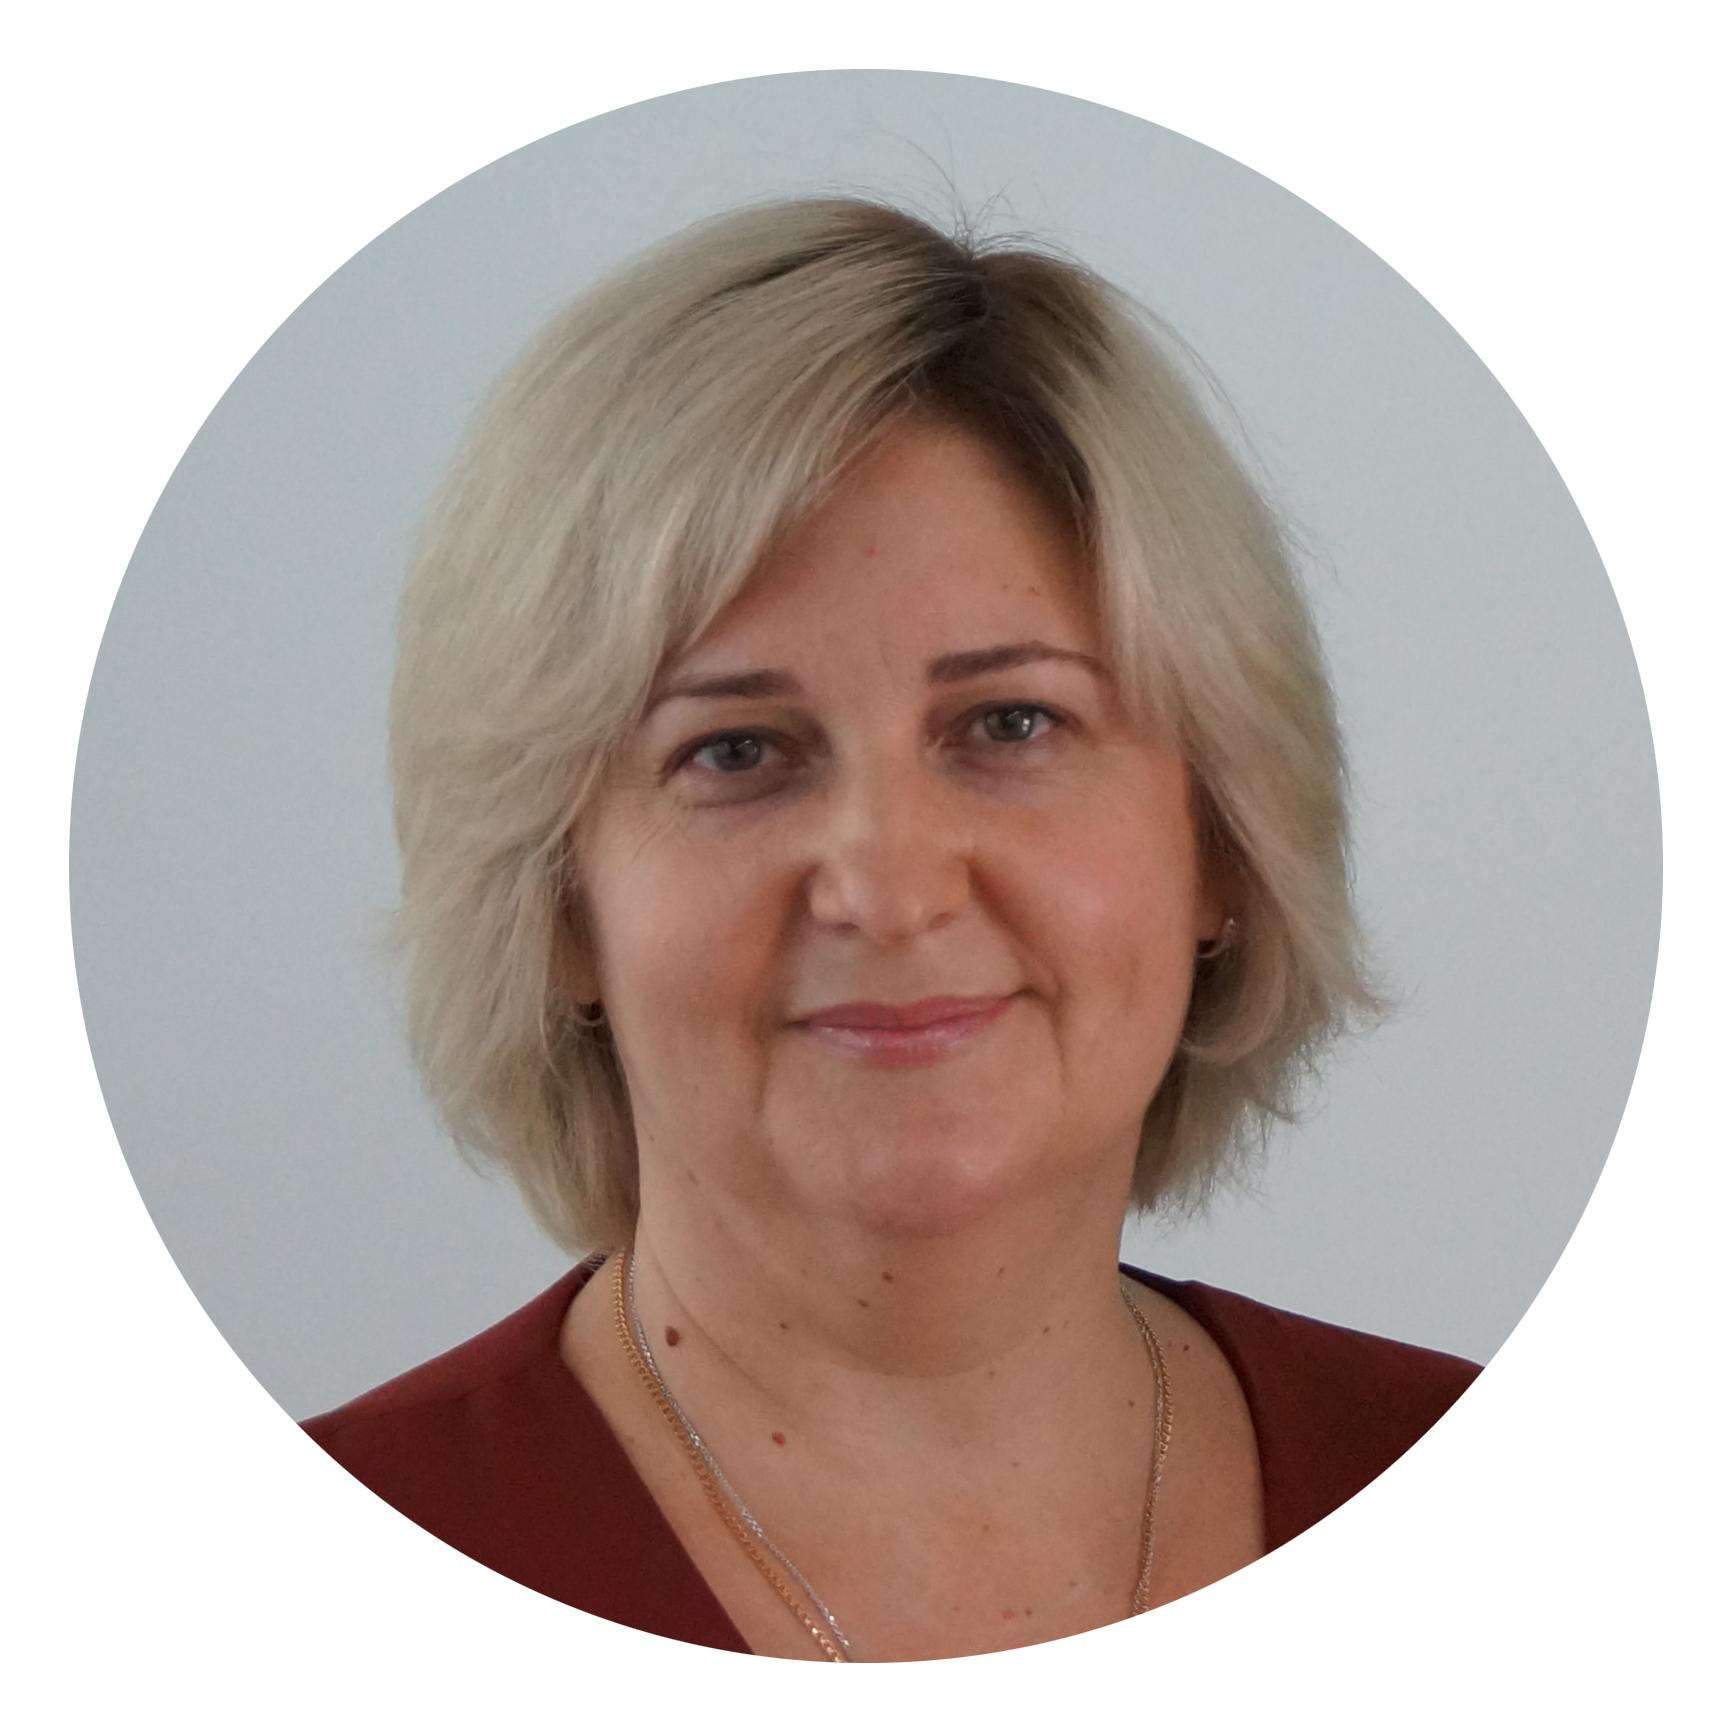 Лисицкая Татьяна Владимировна